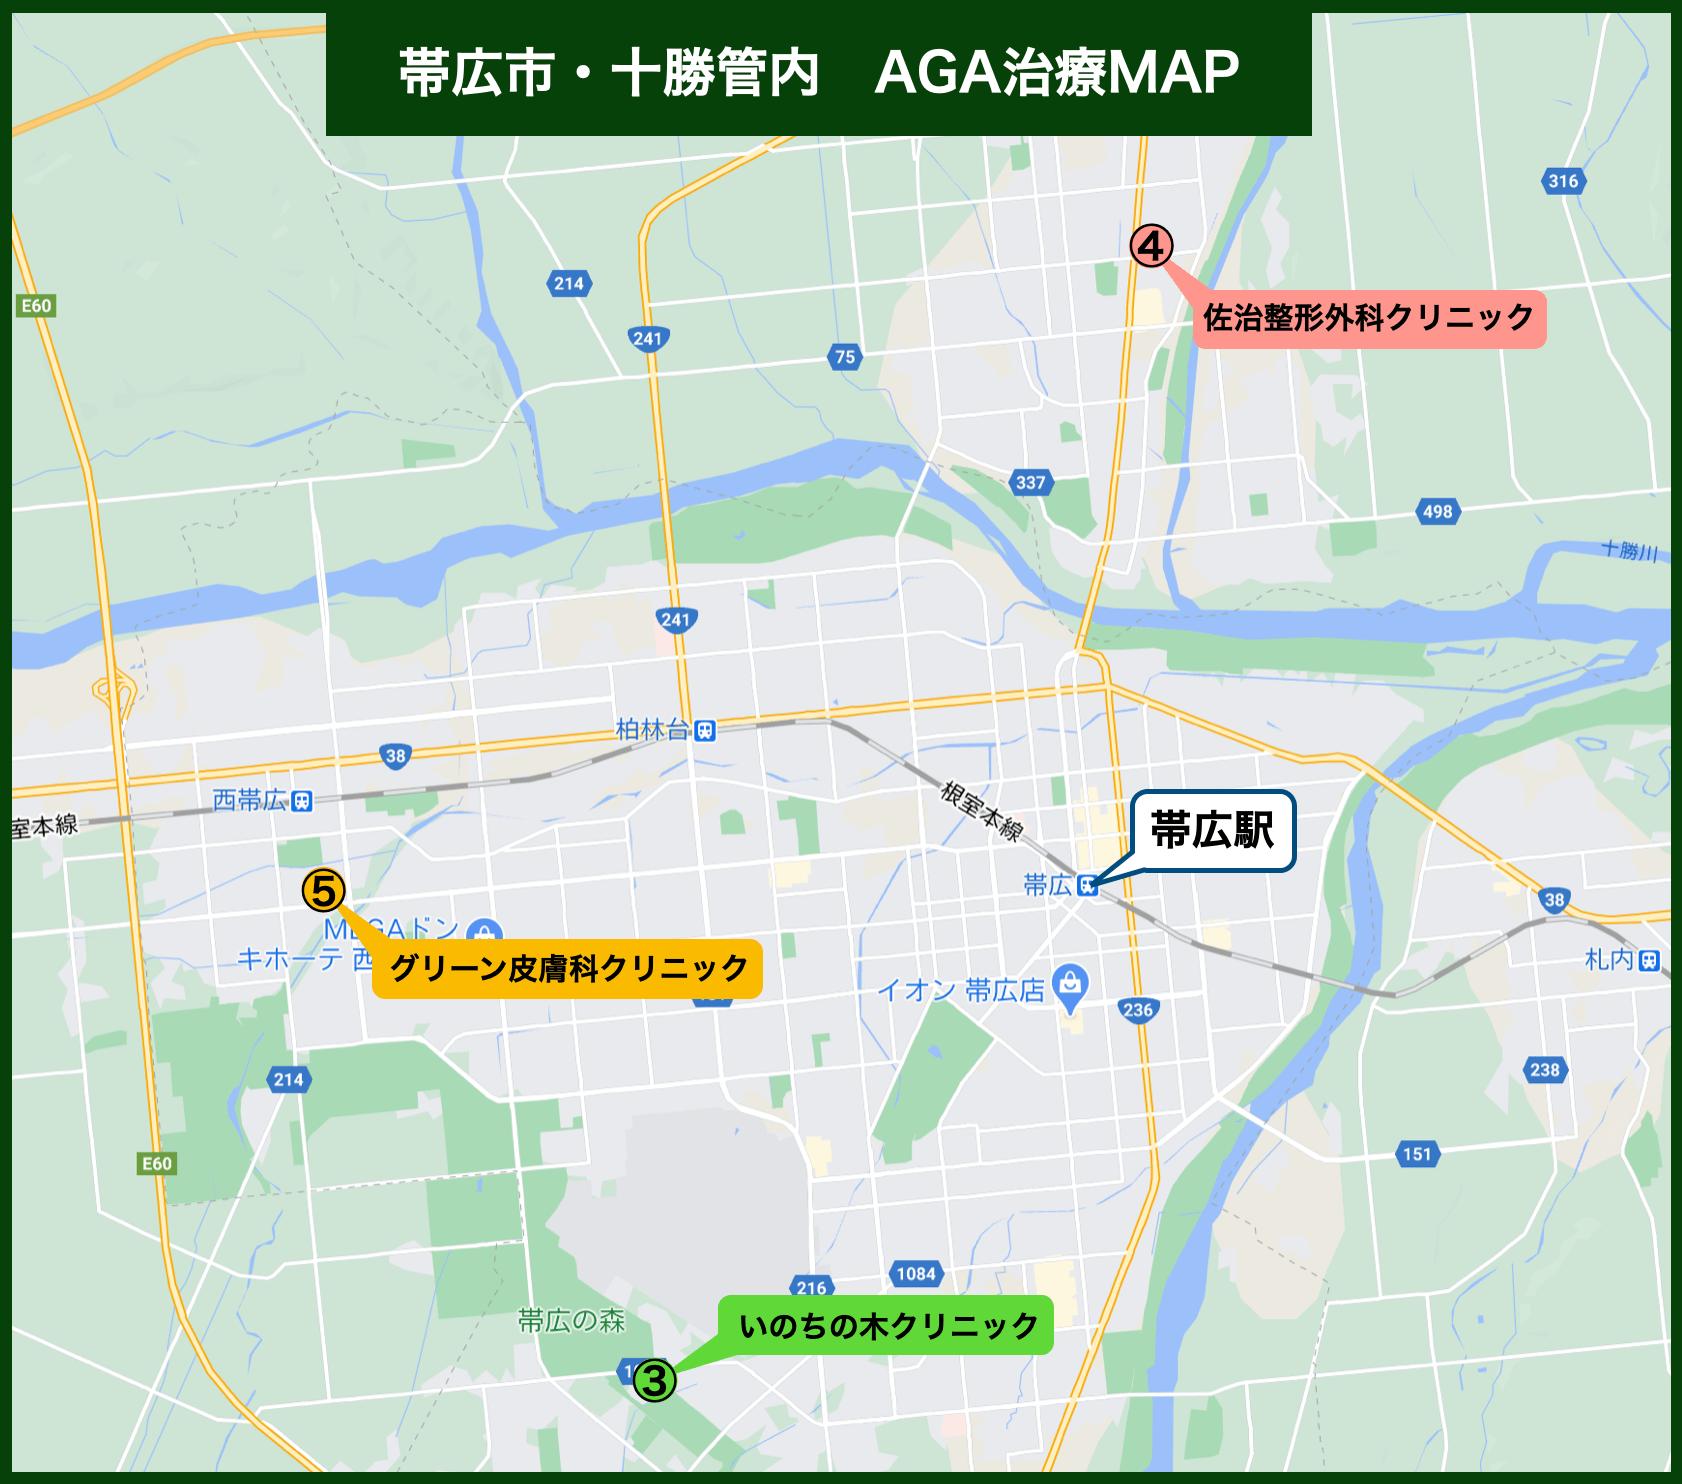 帯広市・十勝管内 AGA治療MAP